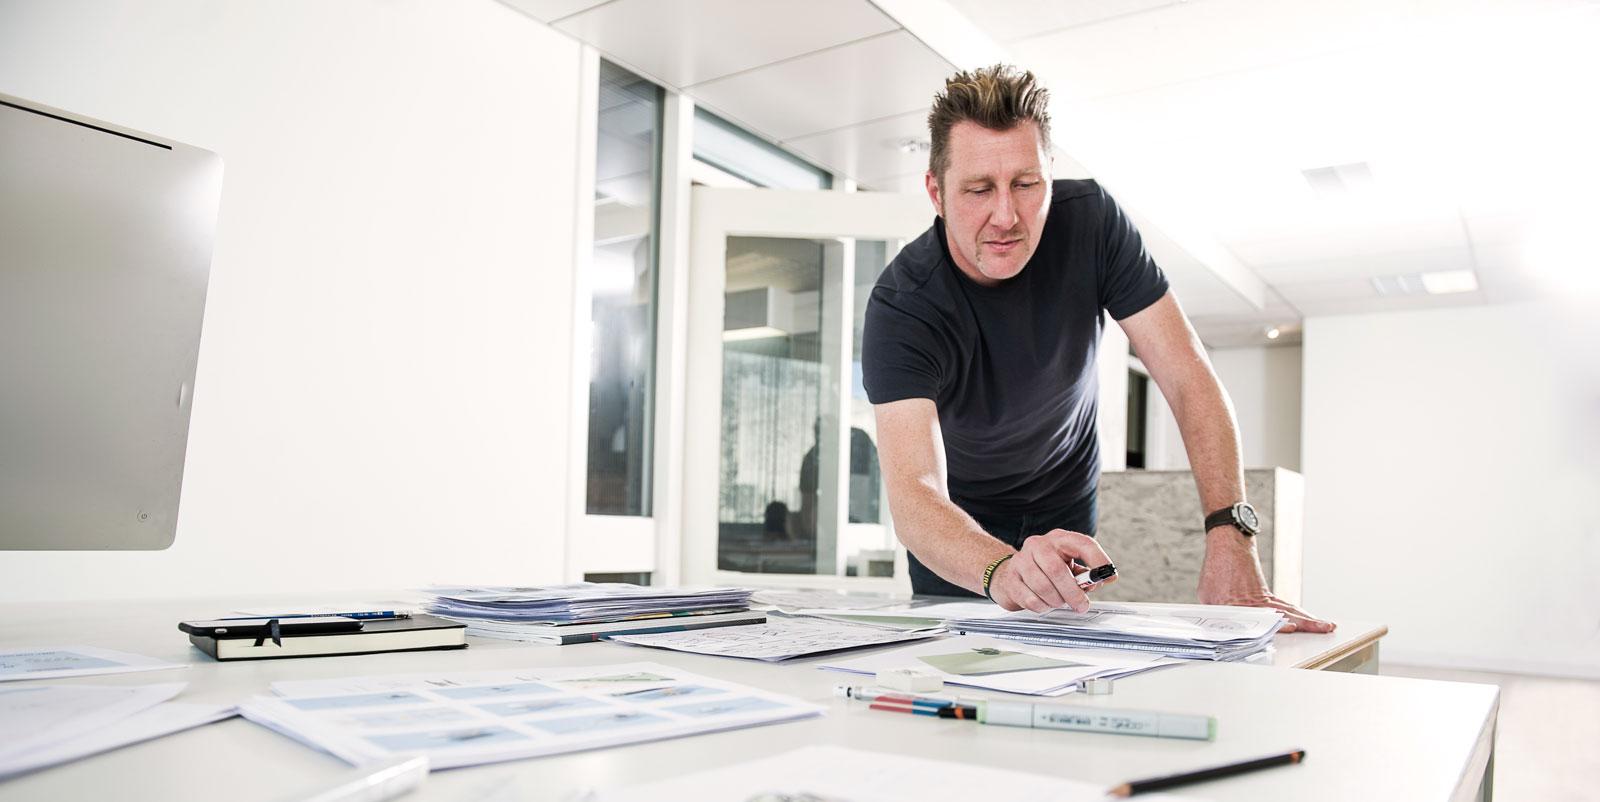 Man aan het tekenen in een creatieve studio, witte omgeving, bureau met tekningen en markers